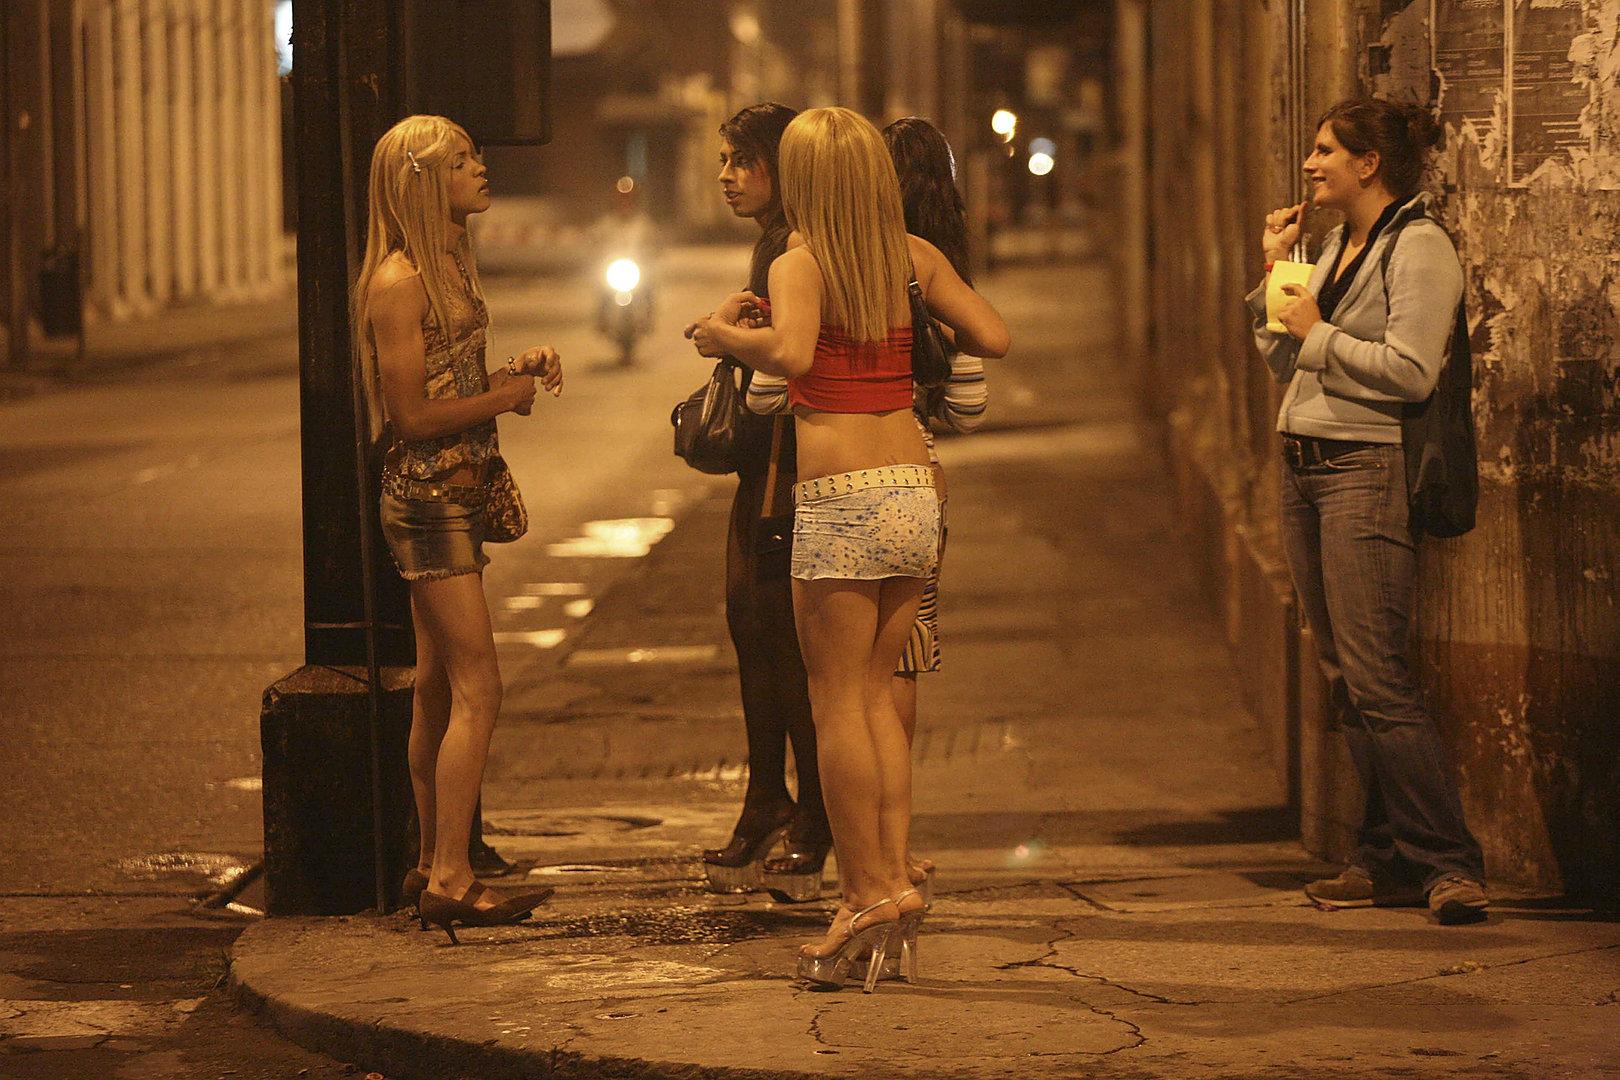 prostitutsiya-v-rossii-foto-ebut-pyanuyu-tolpoy-posle-kluba